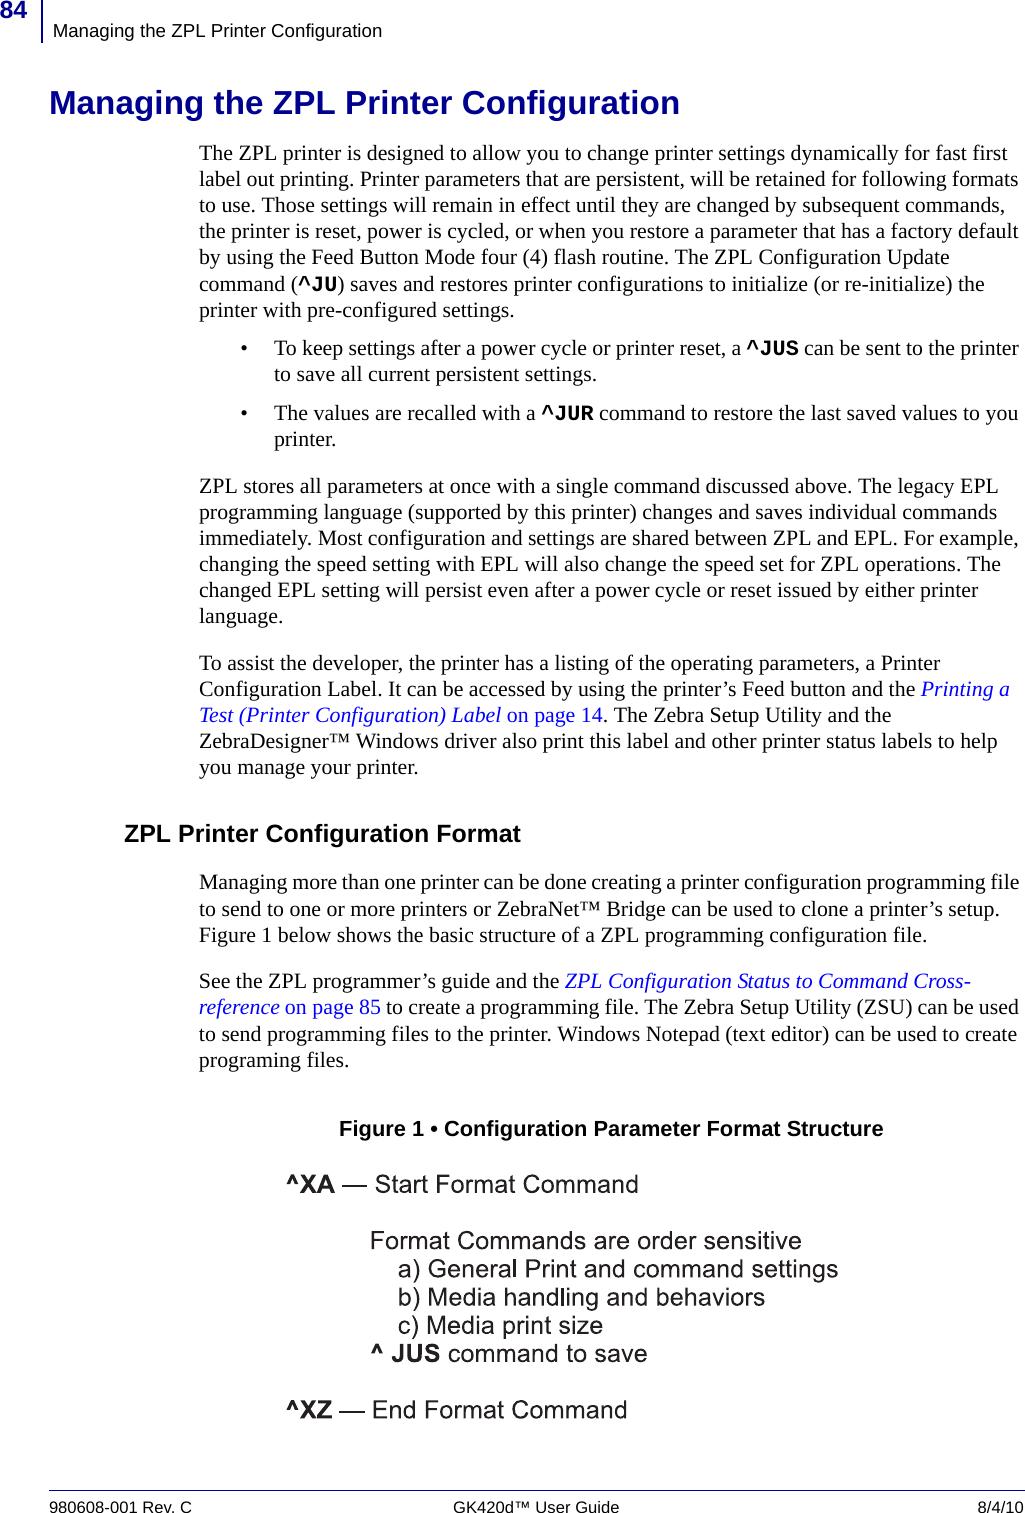 LabelZone Zebra Gk420D 980608 001_rC_GK420dUGen User Manual